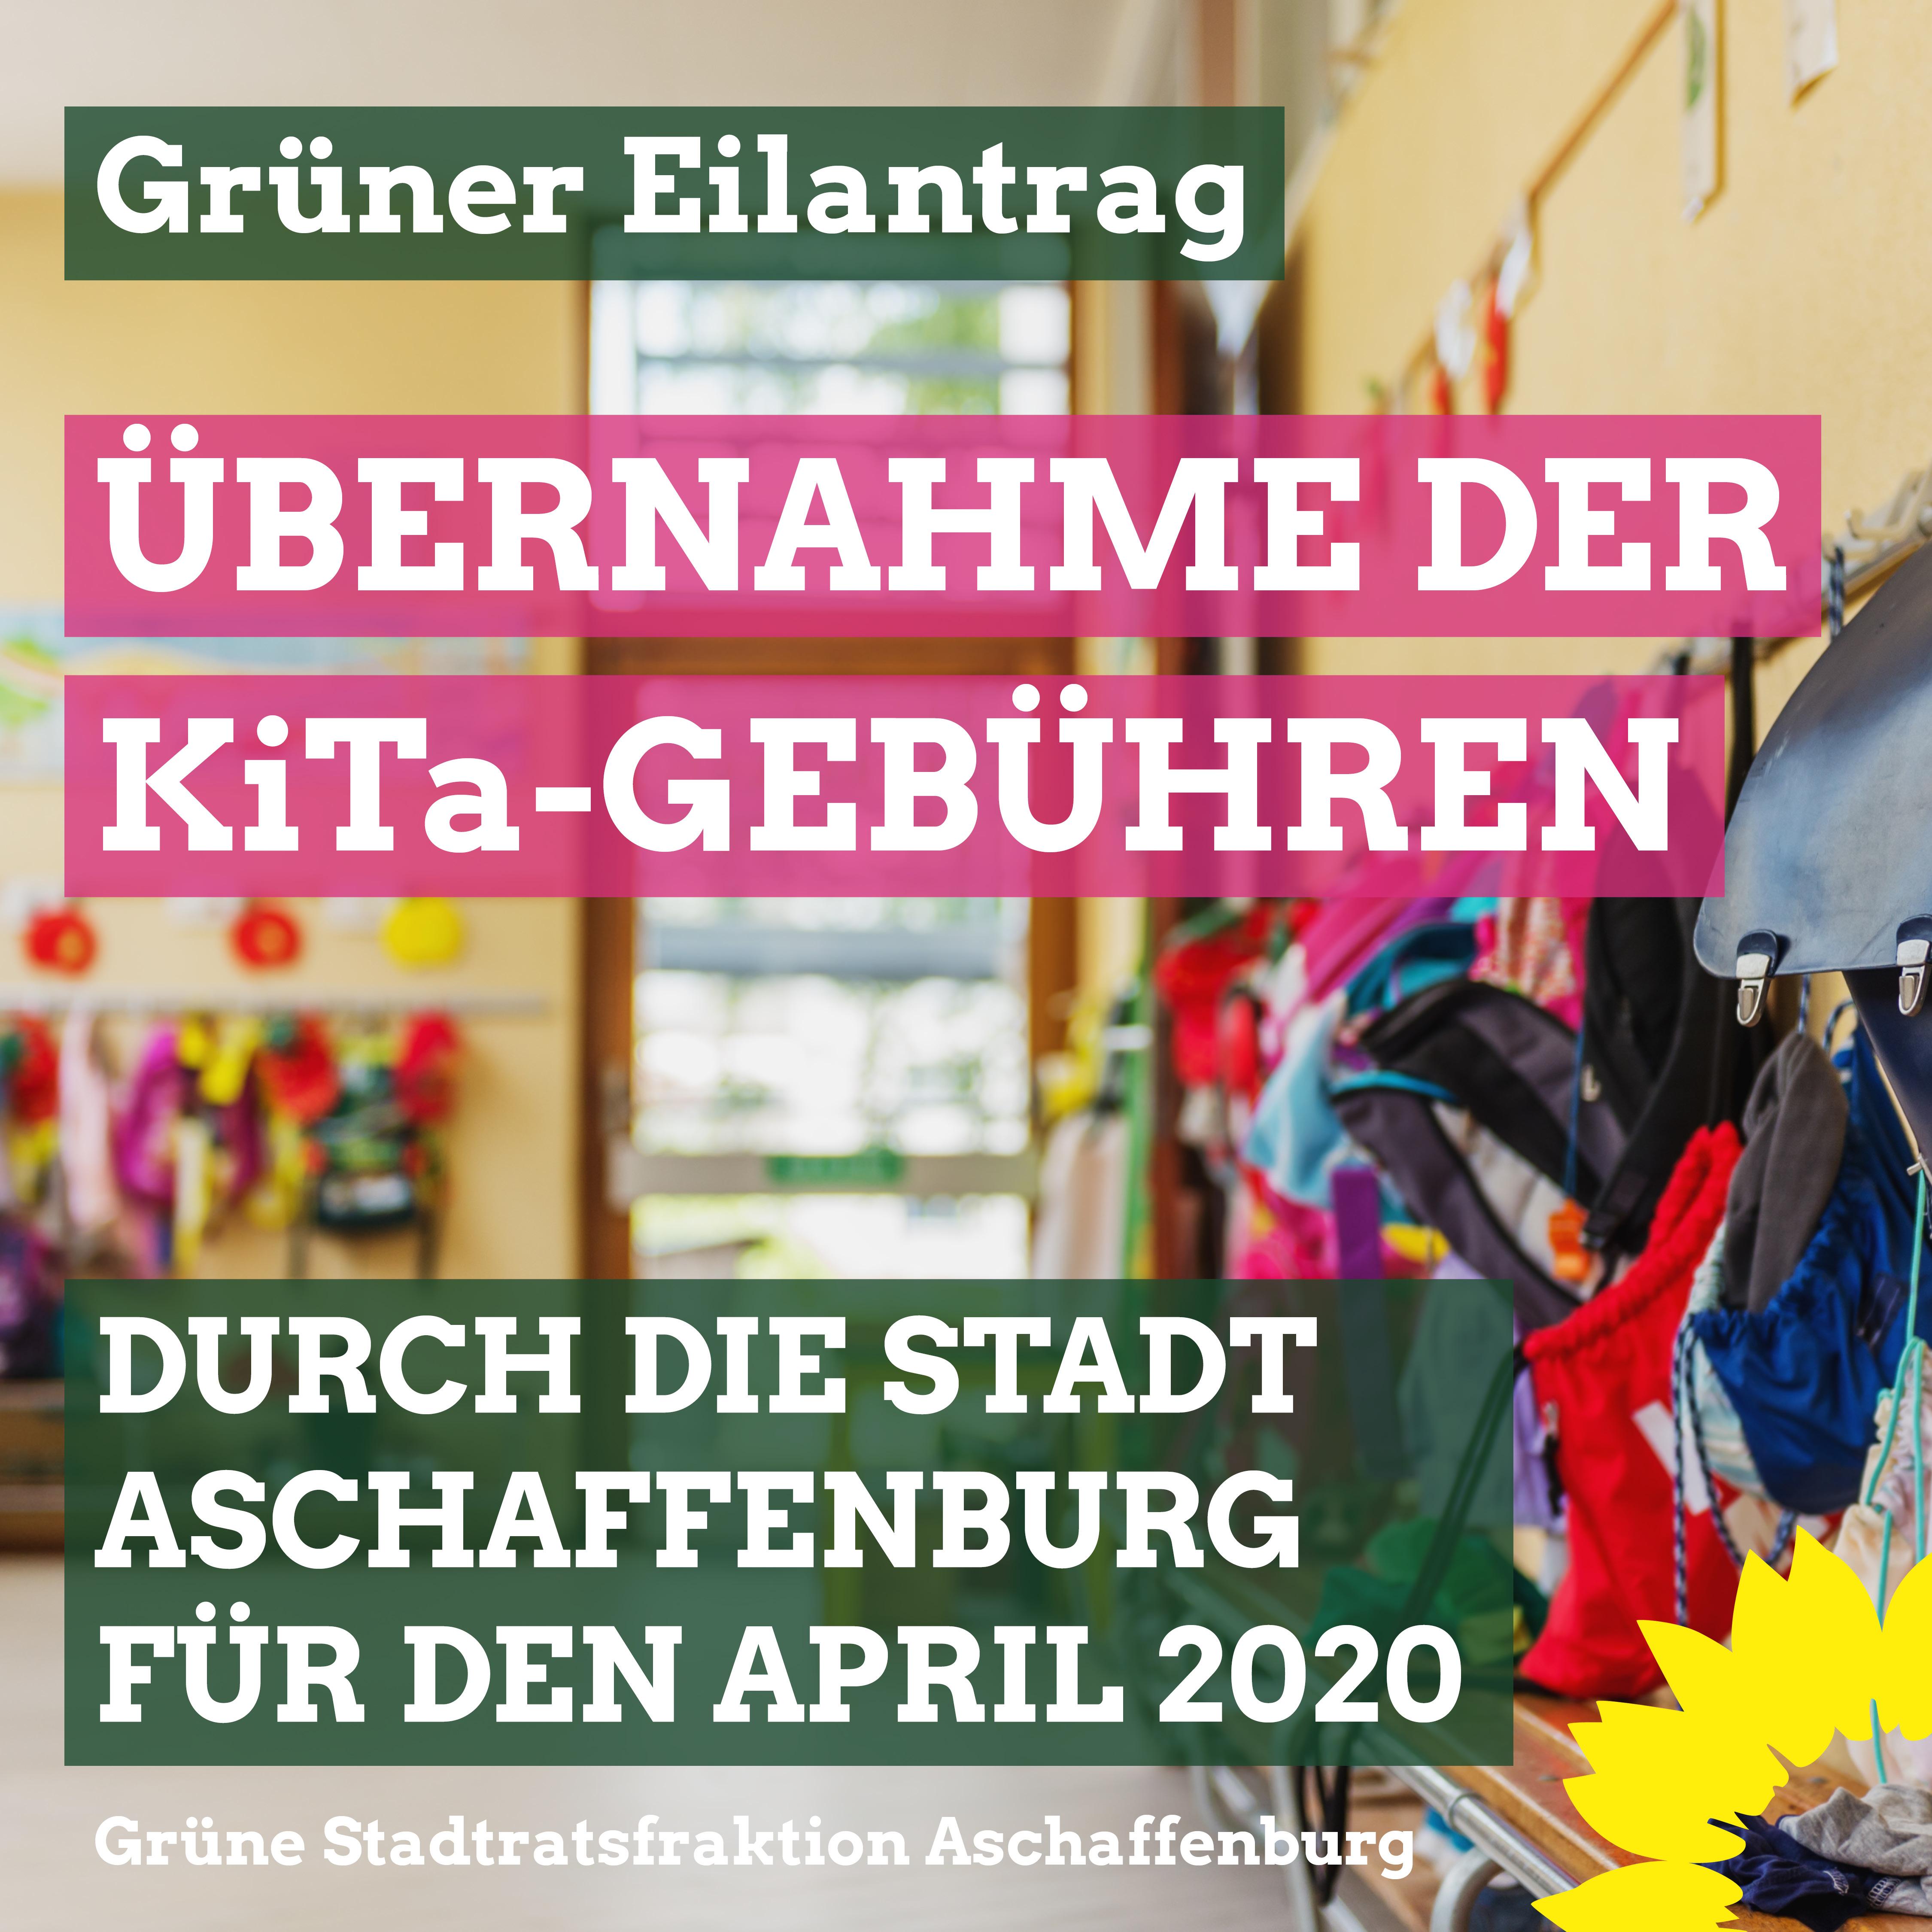 Grüner Eilantrag: Übernahme der KiTa-Gebühren durch die Stadt!